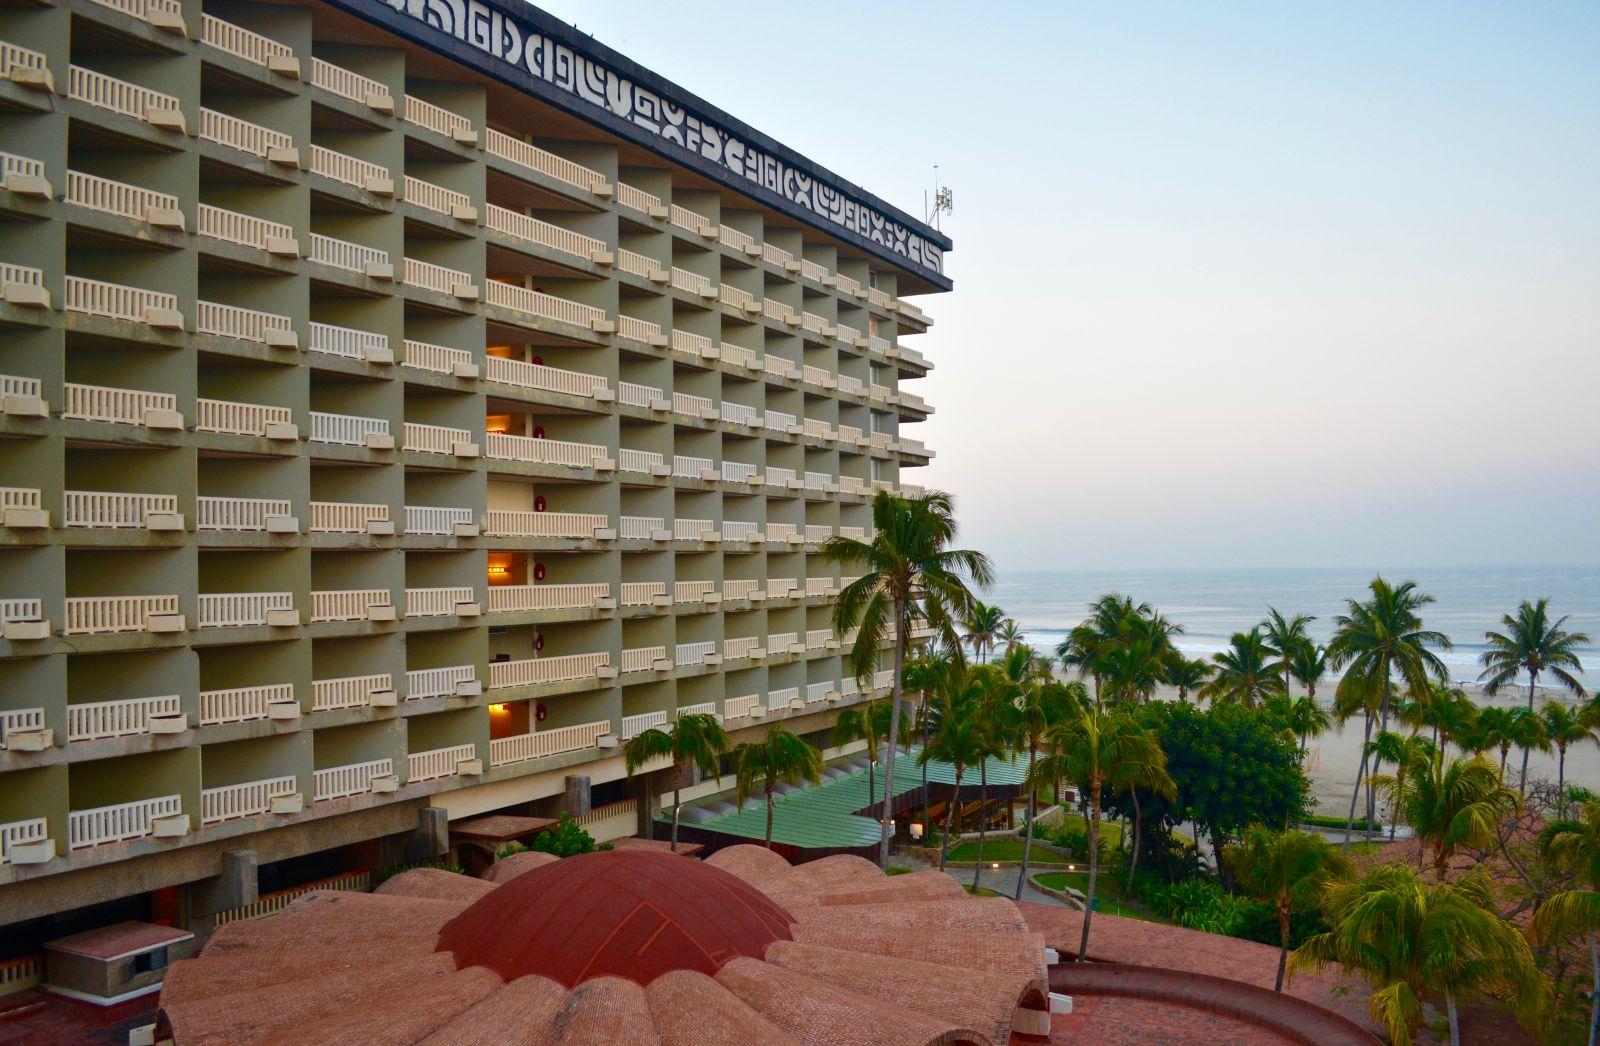 hotel-princess-acapulco